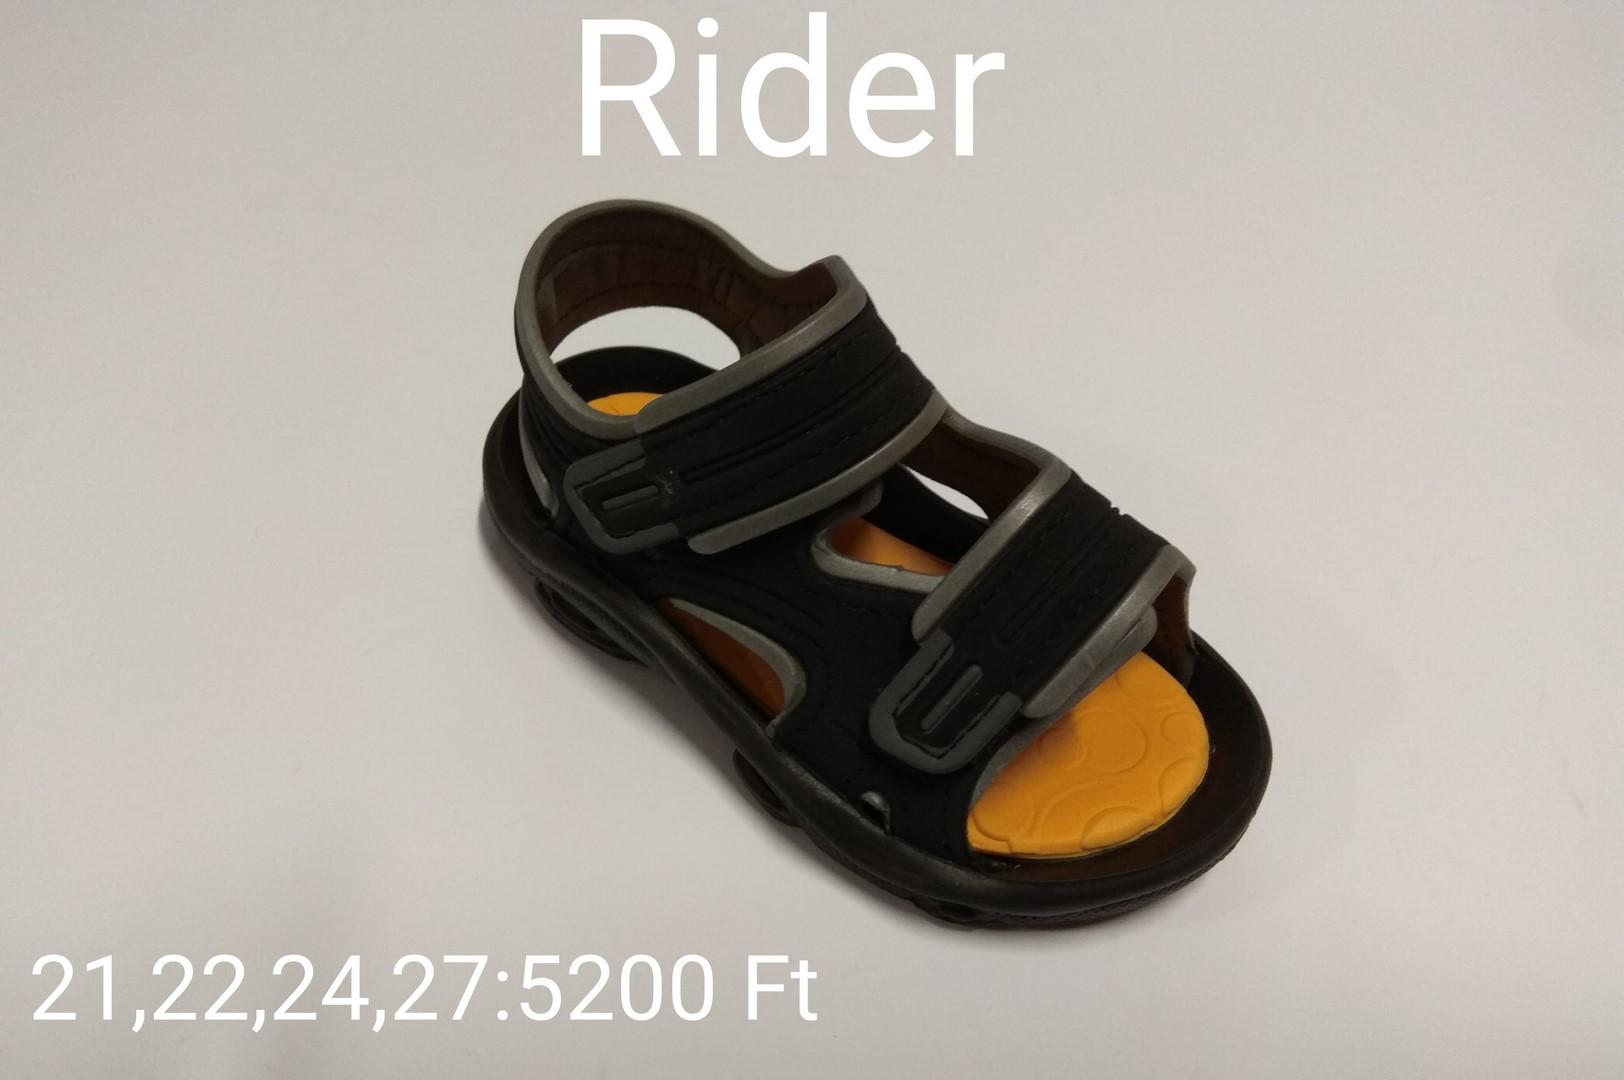 Rider szandál